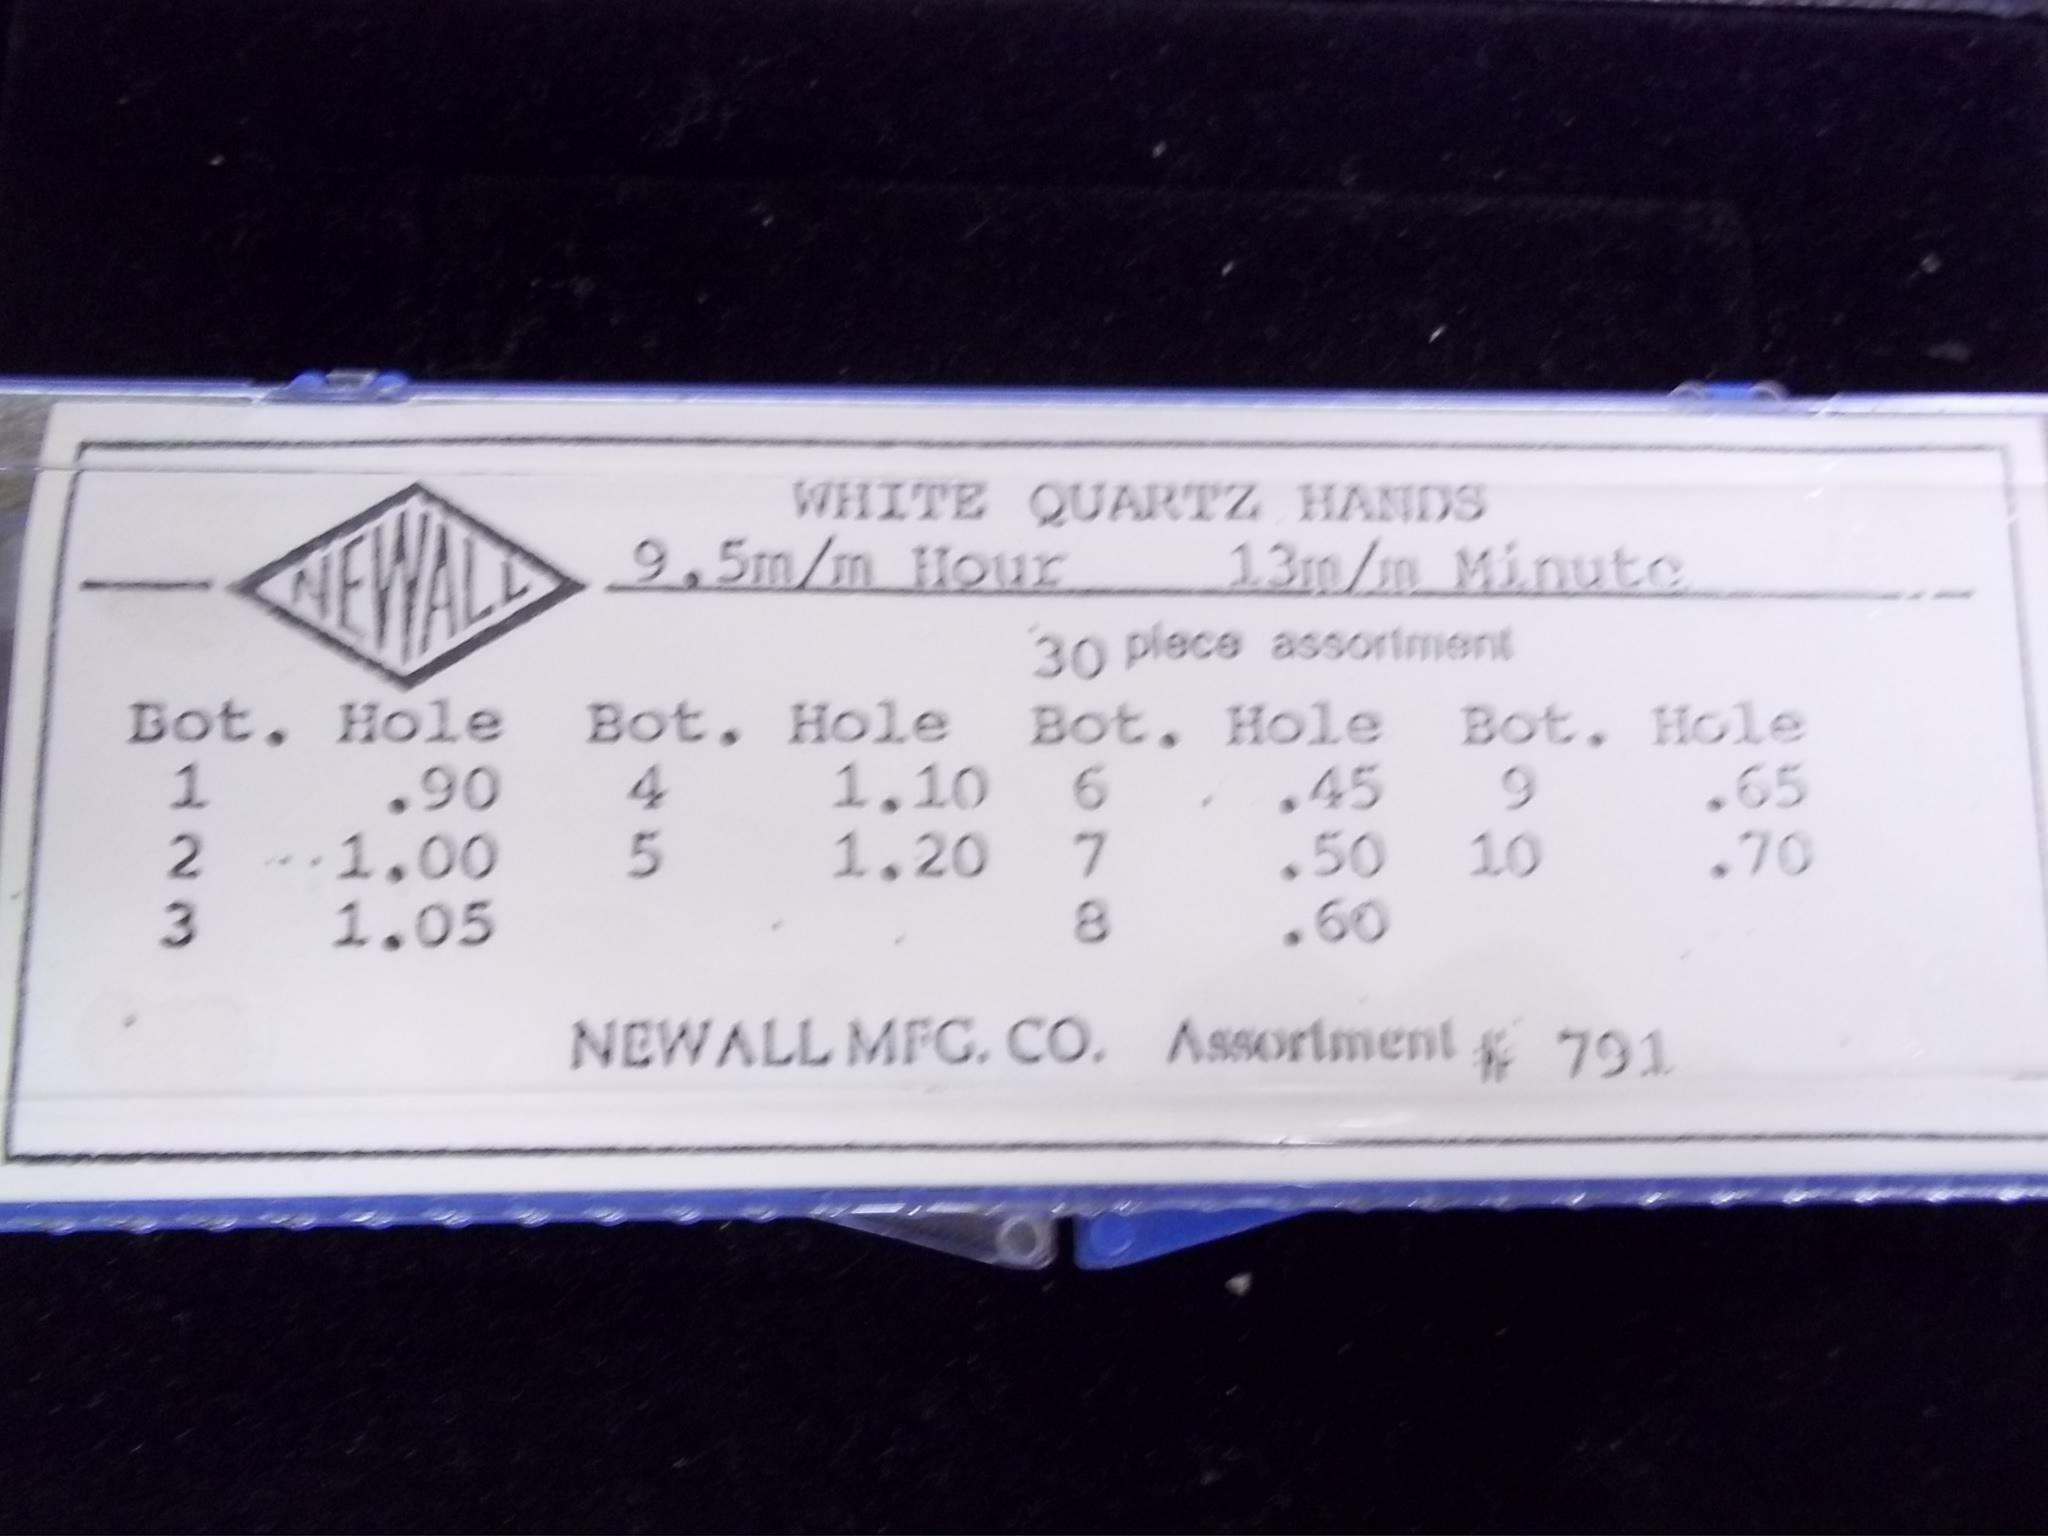 Asst-791 Assortment of White Quartz Hands--30 pc Newall